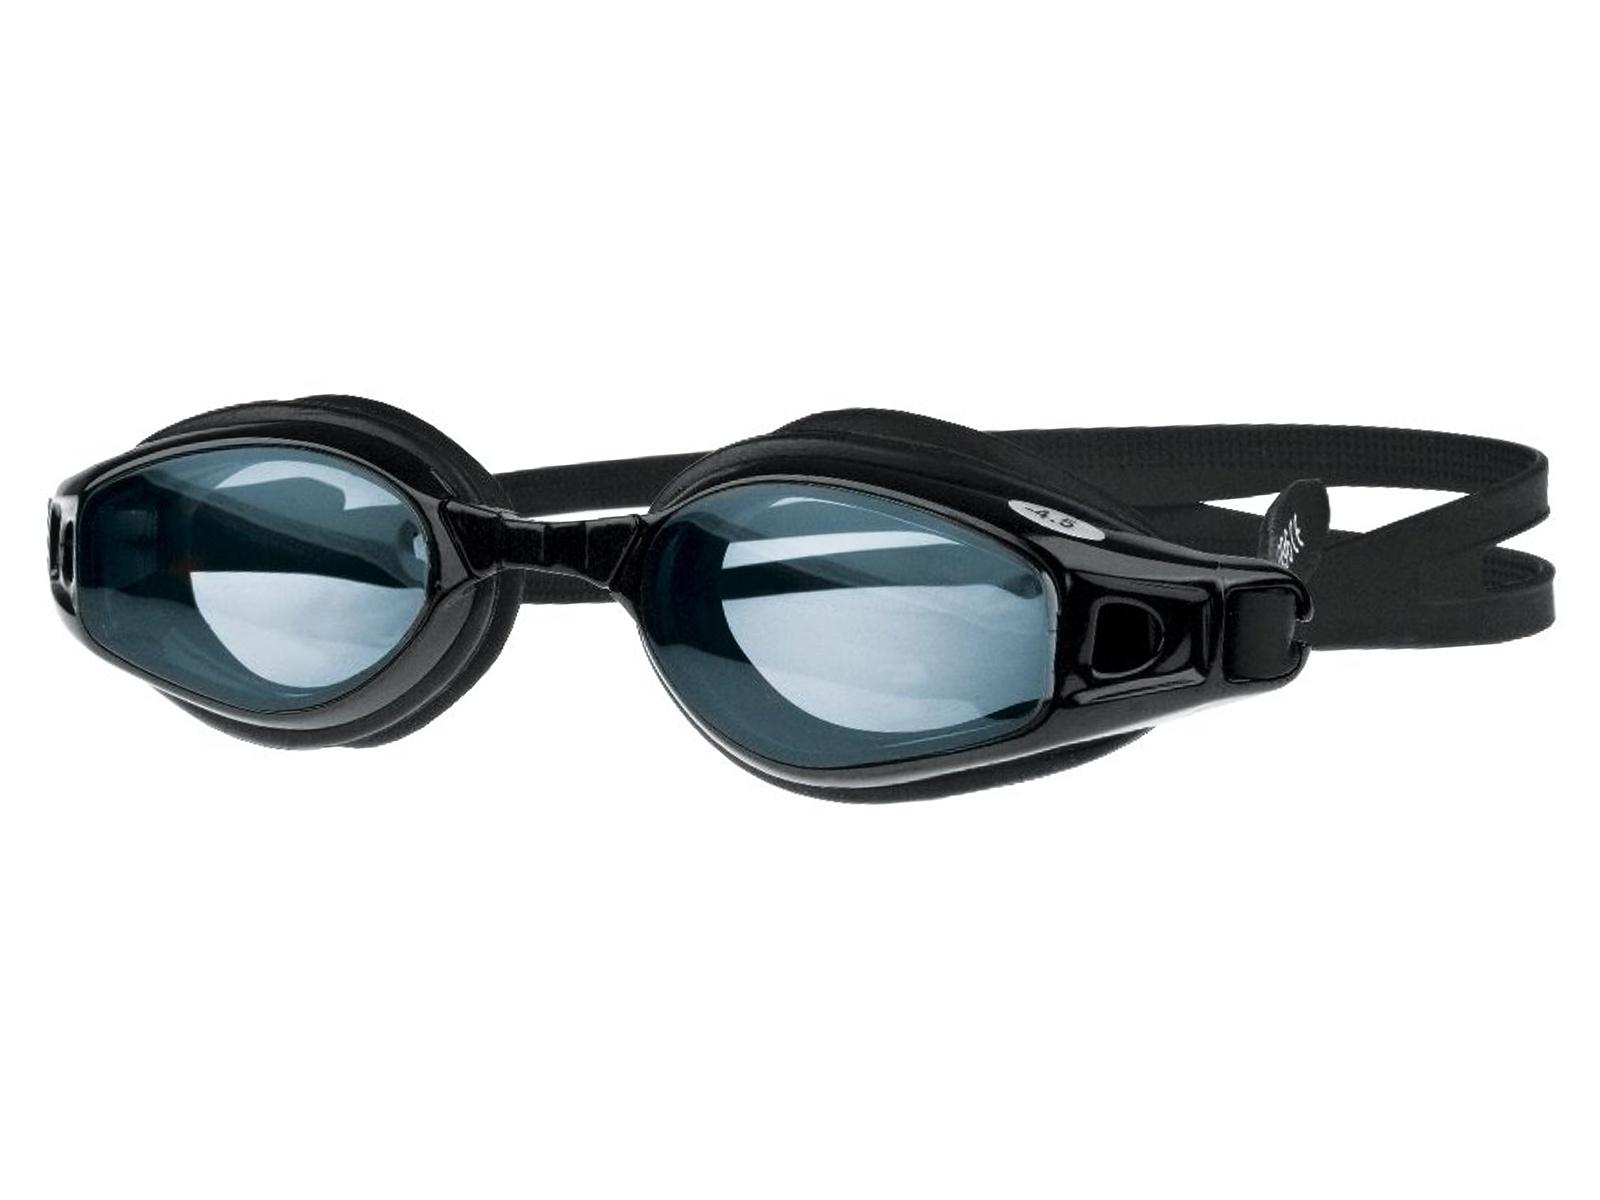 Plavecké brýle SPOKEY Optica - 6